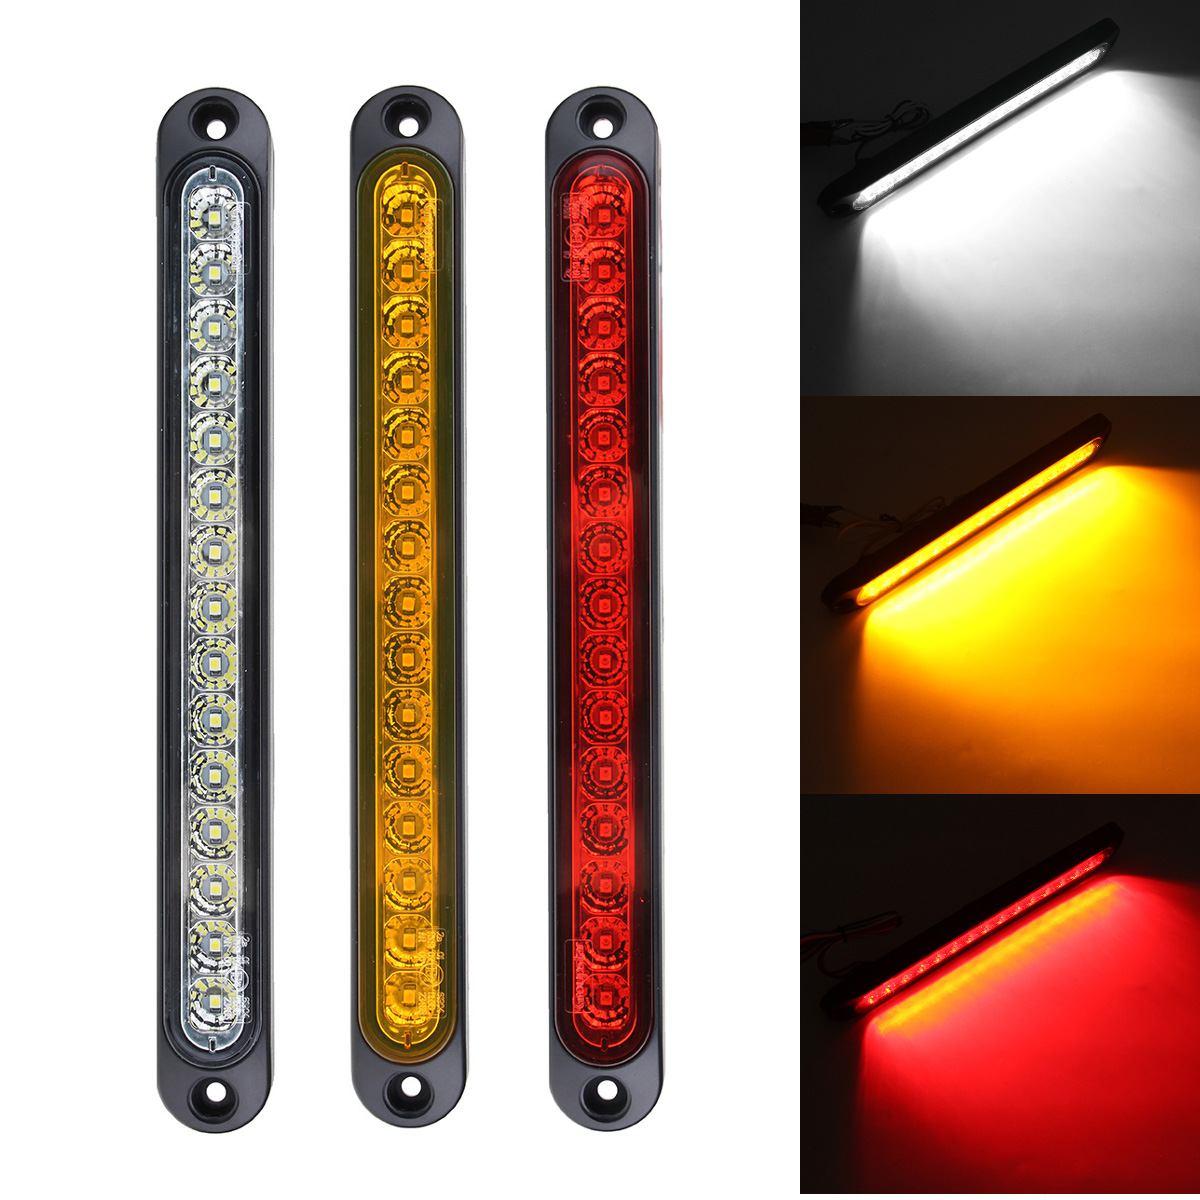 1/2 Uds. 25cm 15LED luces traseras rojas y blancas ámbar para coche lámpara de freno de LUZ ANTINIEBLA TRASERA Universal para camión remolque 10v-30v